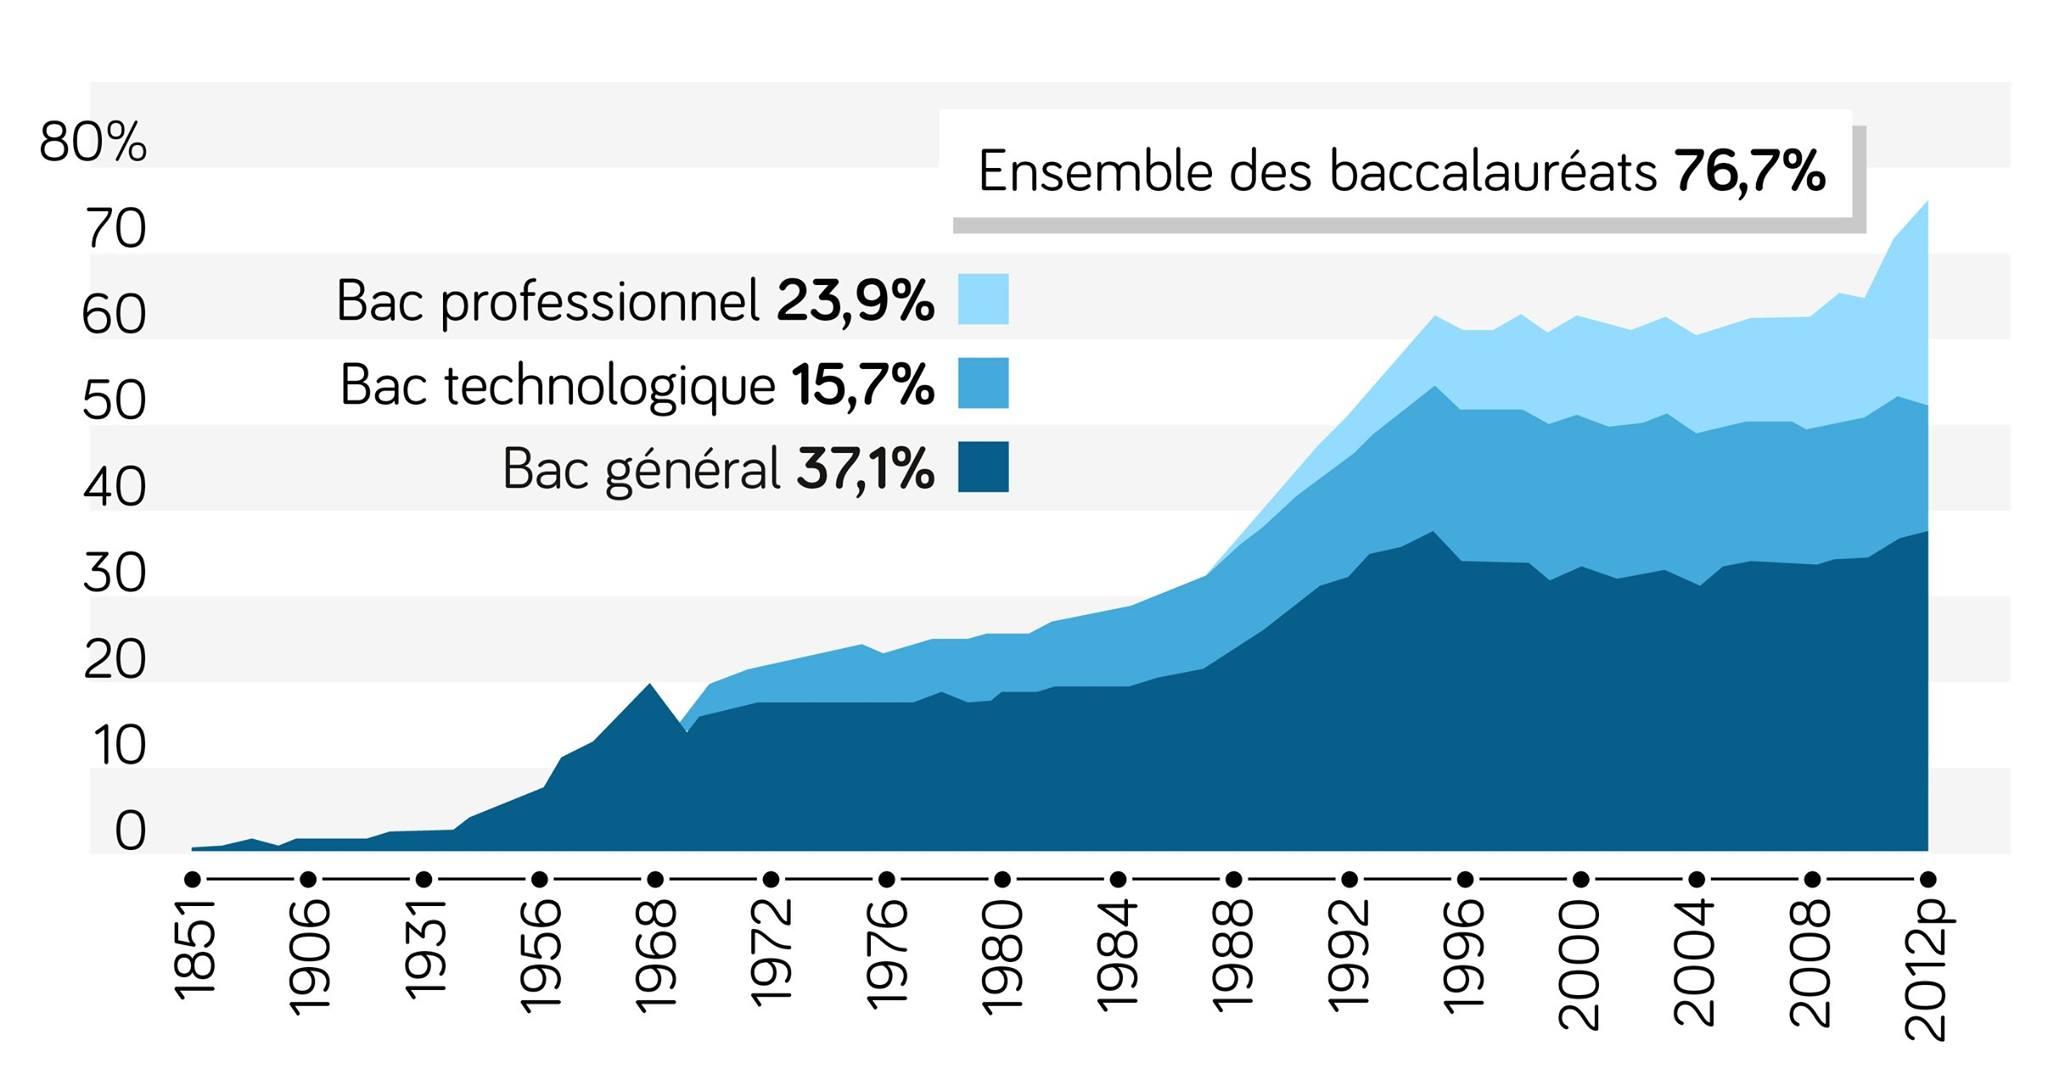 Graphique du pourcentage d'élèves français présentant le baccalauréat entre 1851 et 2012 ses terminale